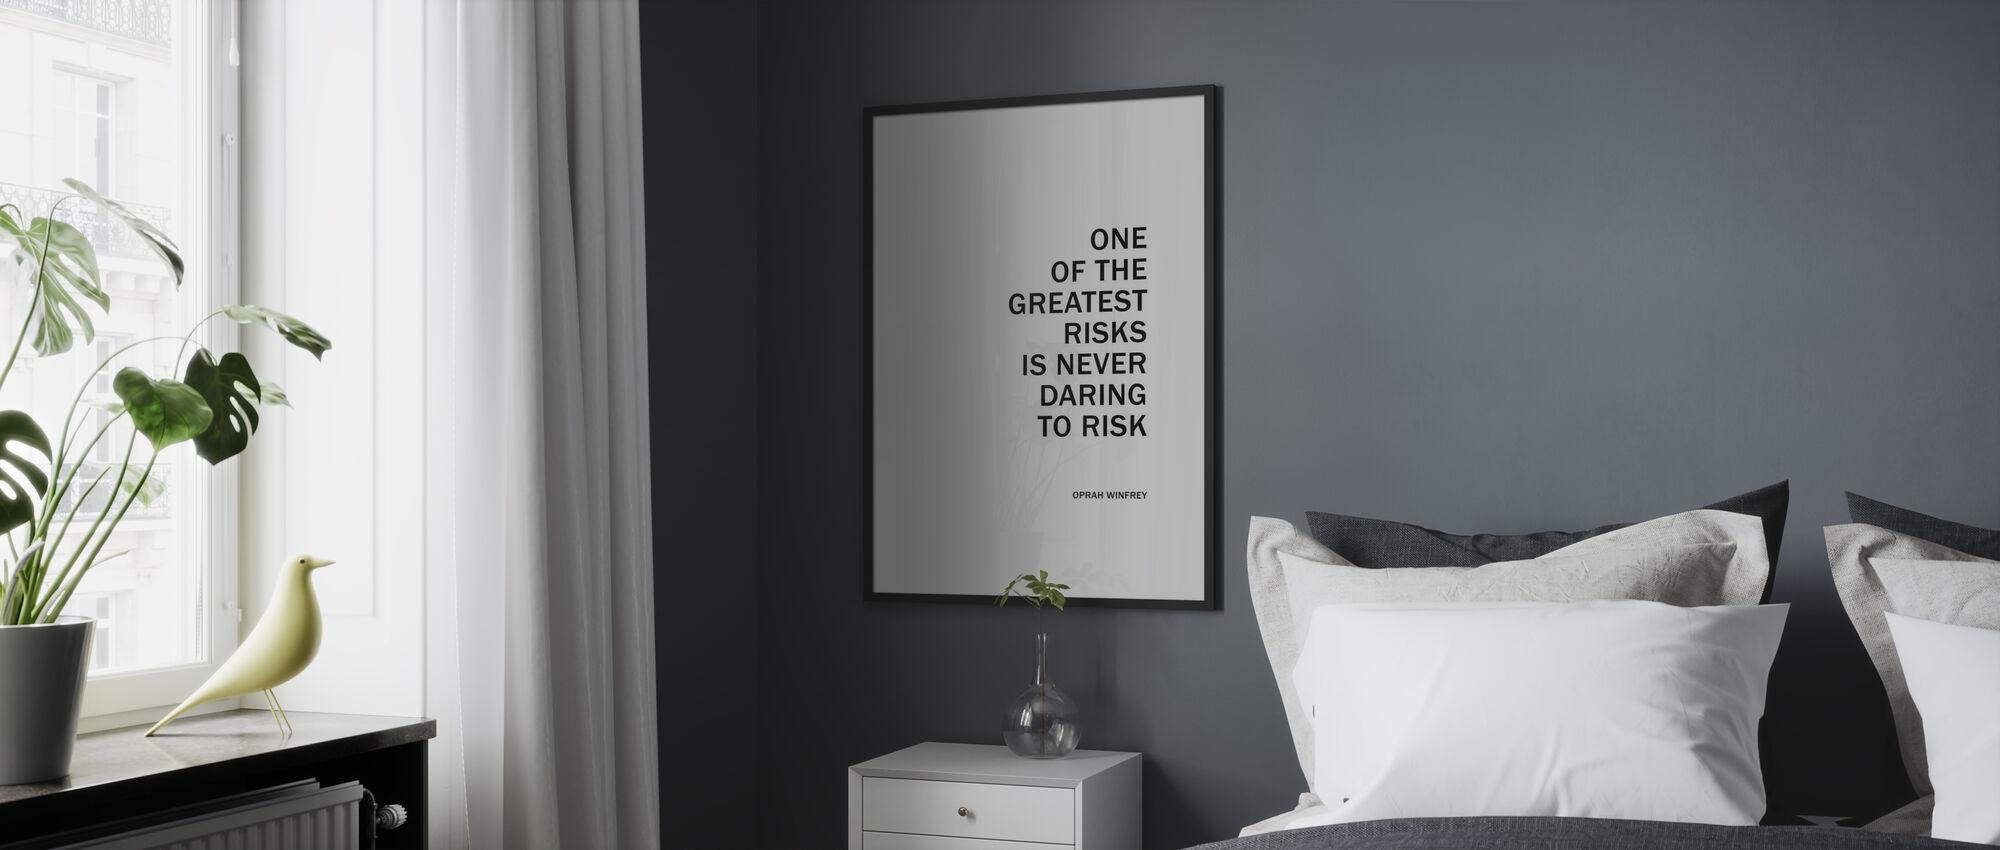 Oprah Quote II - Poster - Bedroom